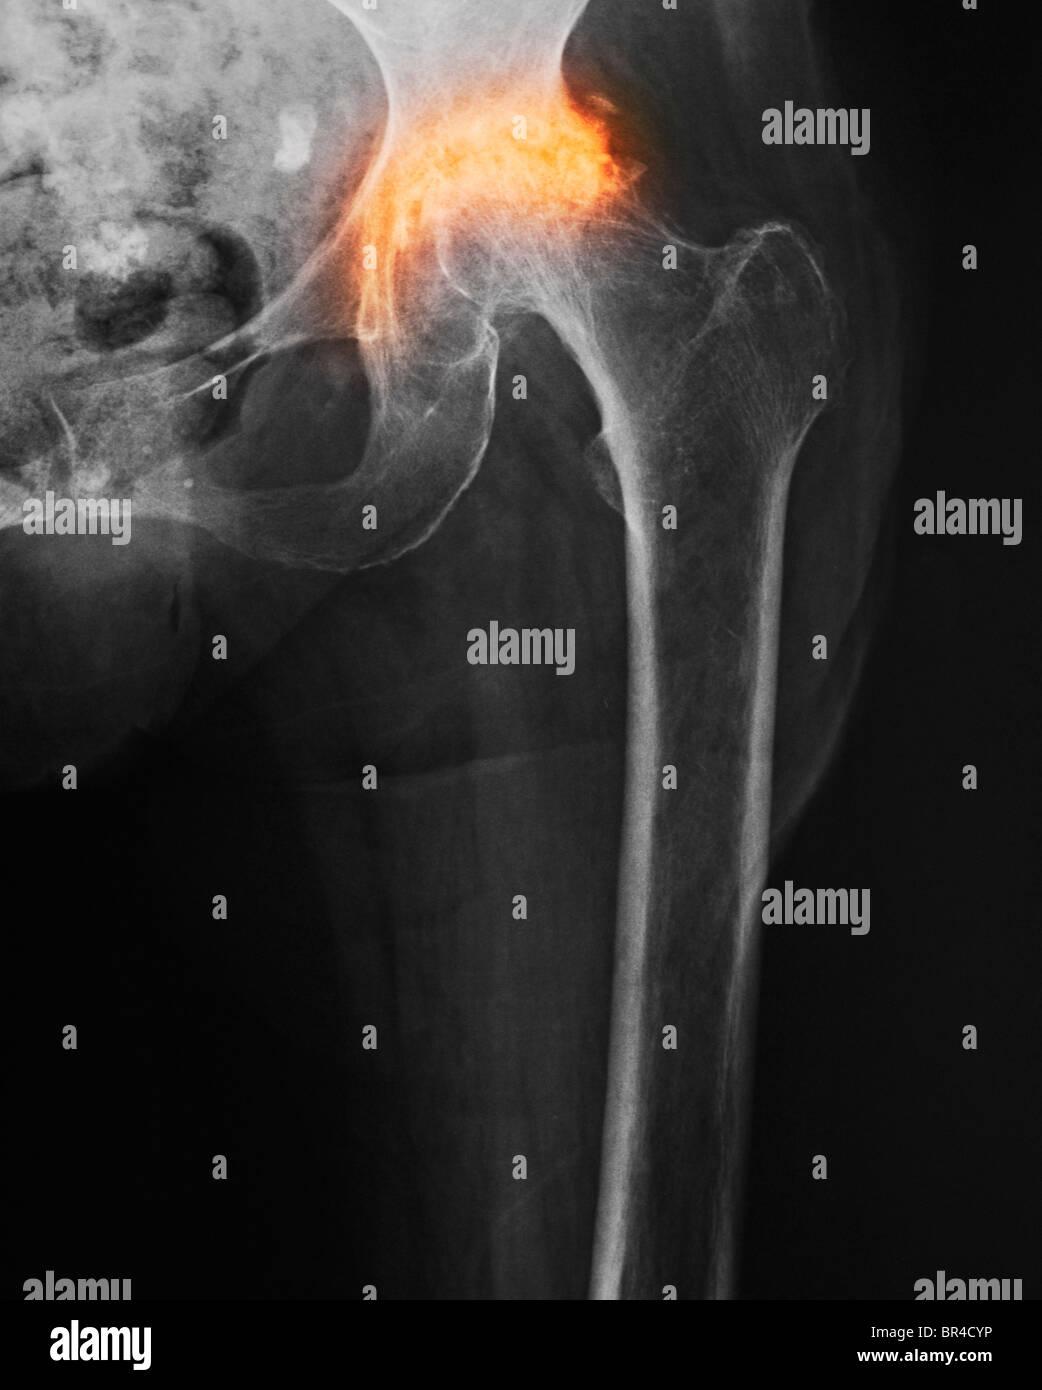 x-ray zeigt schwere Arthrose der Hüfte eine 85-jährige Frau Stockbild